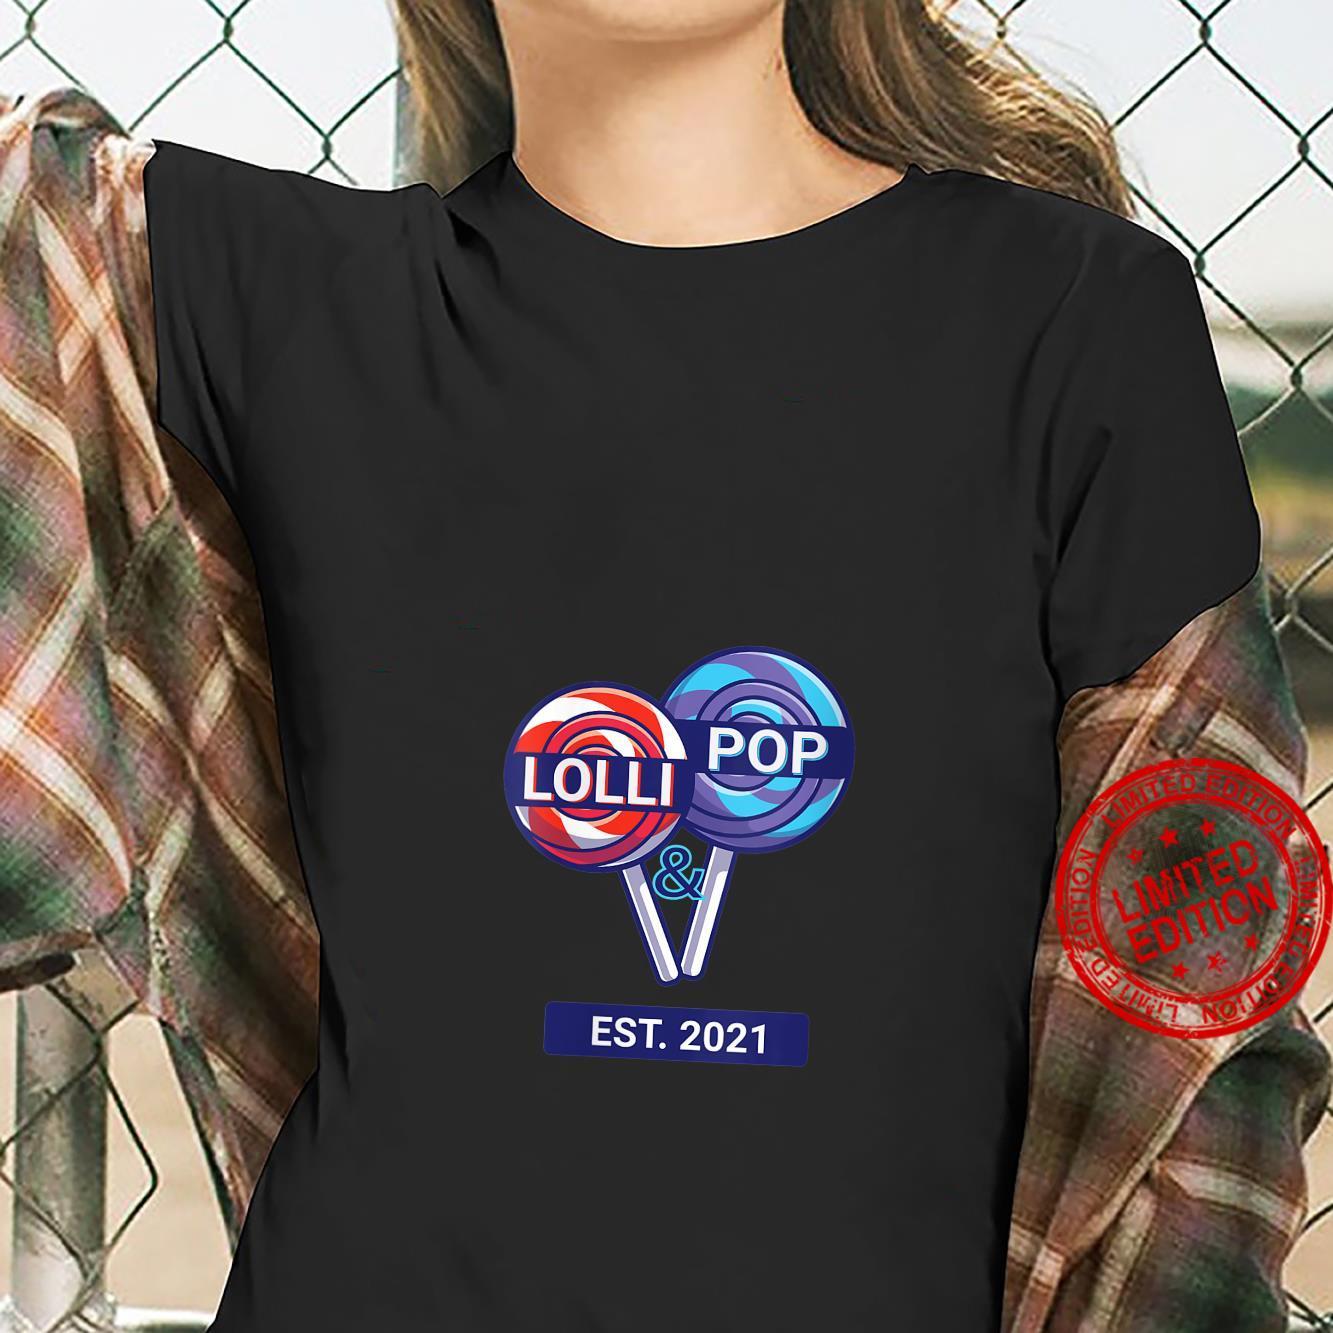 Womens Lolli & Pop EST. 2021 Lolly Pops Couples Grandparents Shirt ladies tee